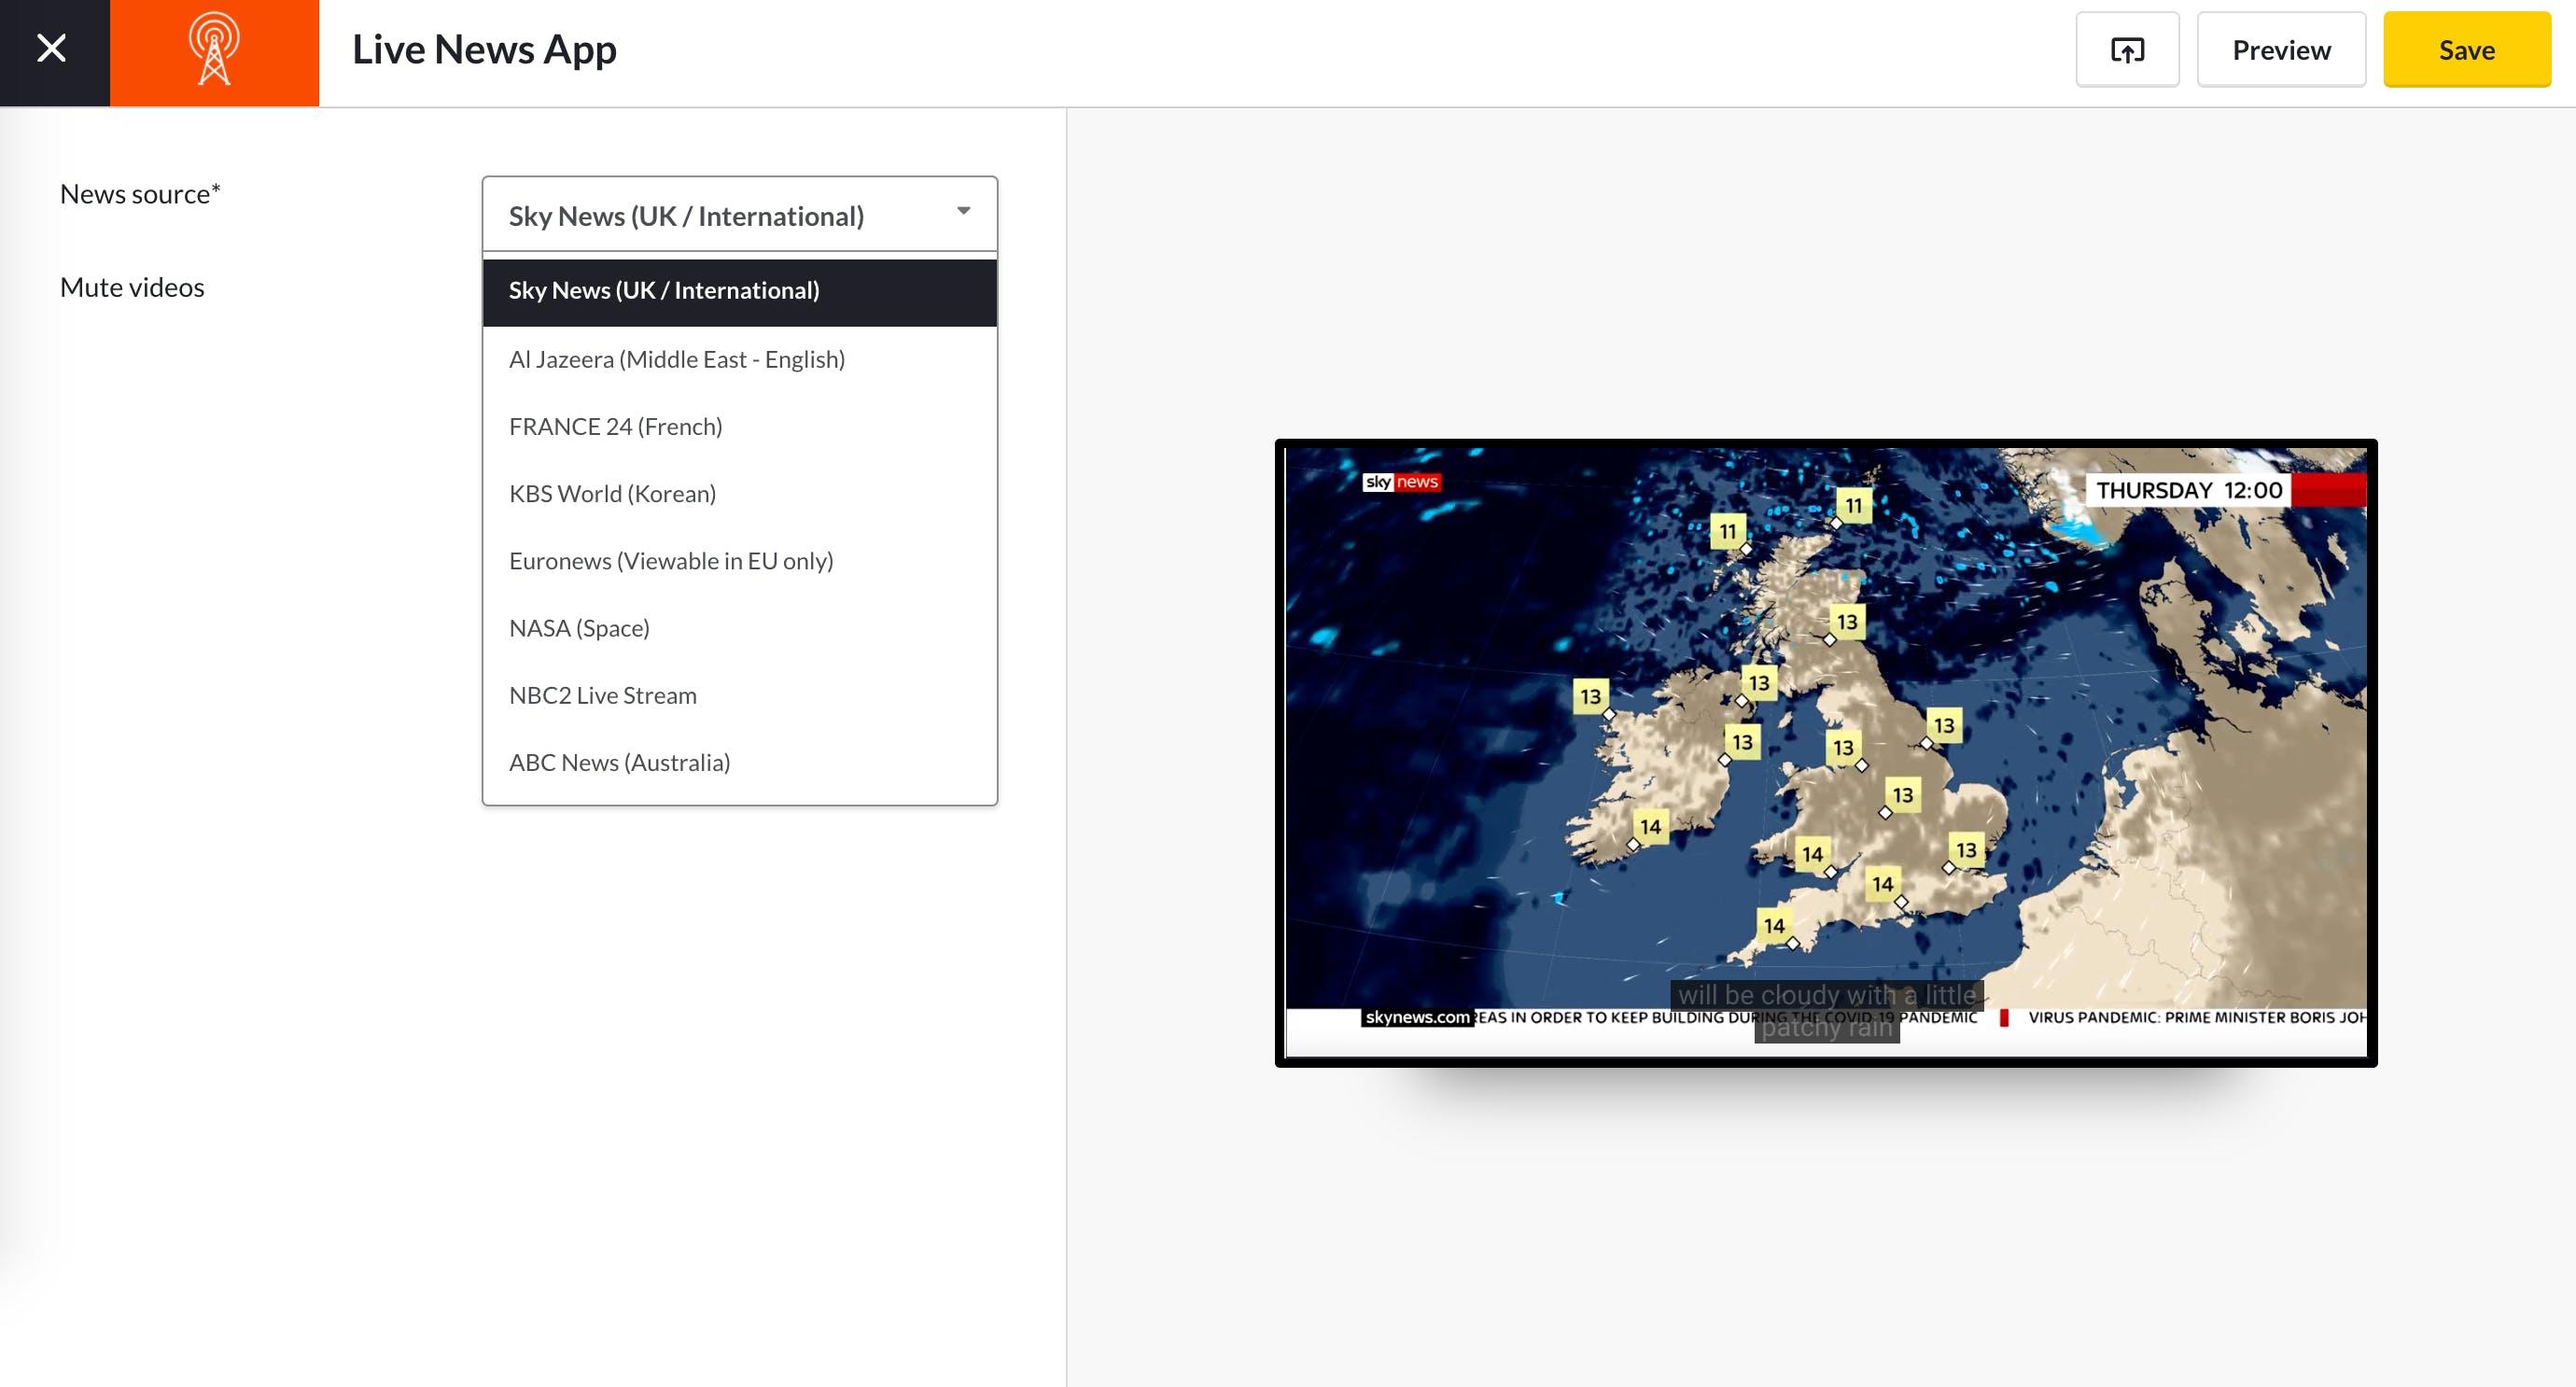 Live News App Guide - Set up app 5.13.2020.png